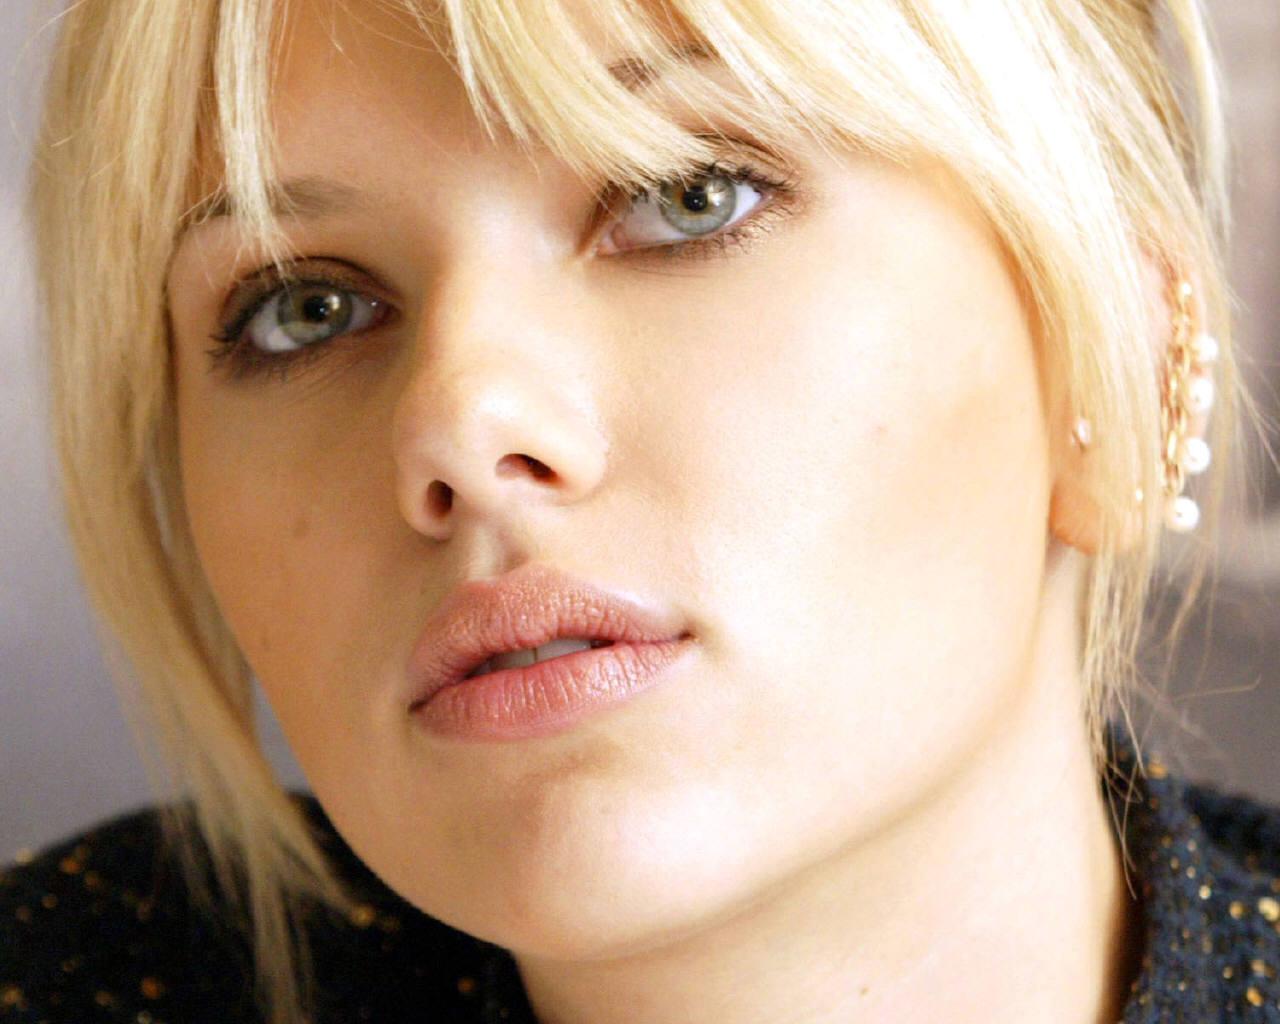 http://3.bp.blogspot.com/-OqZMG0QOeOg/T1IHrdbEPEI/AAAAAAAAmZ0/qb9t4ejtMgs/s1600/Scarlett+Johansson+-+Wallpaper+%2810%29.jpg